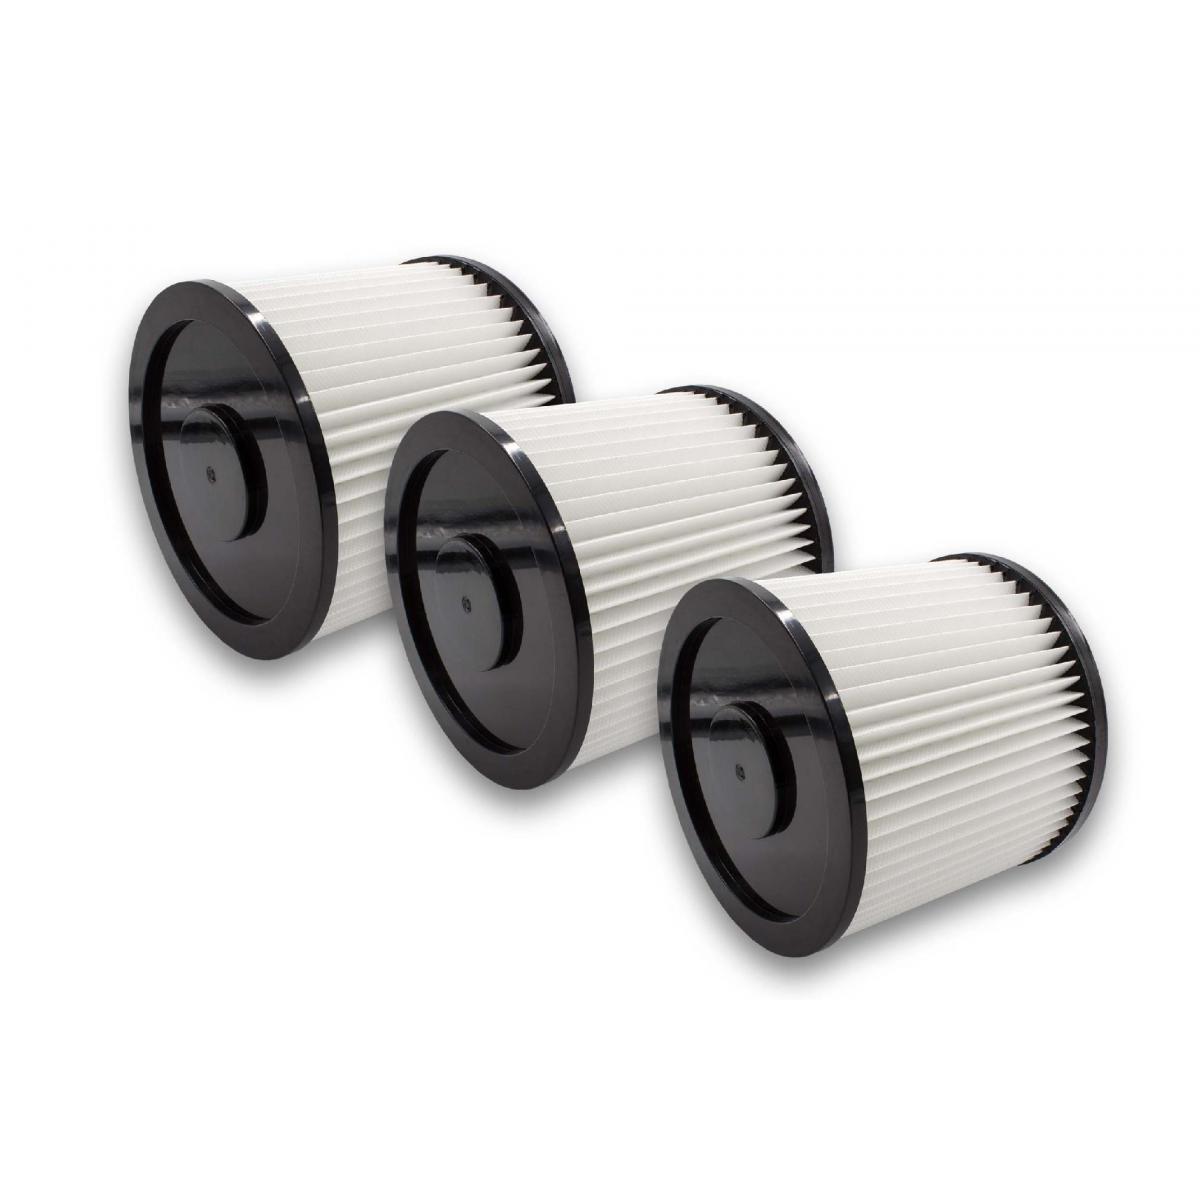 Vhbw vhbw 3x Filtres ronds pour aspirateur multifonctions Rowenta Collecto RB 860, RU 600, RU 601, RU 605, RU 630, RU 635 com